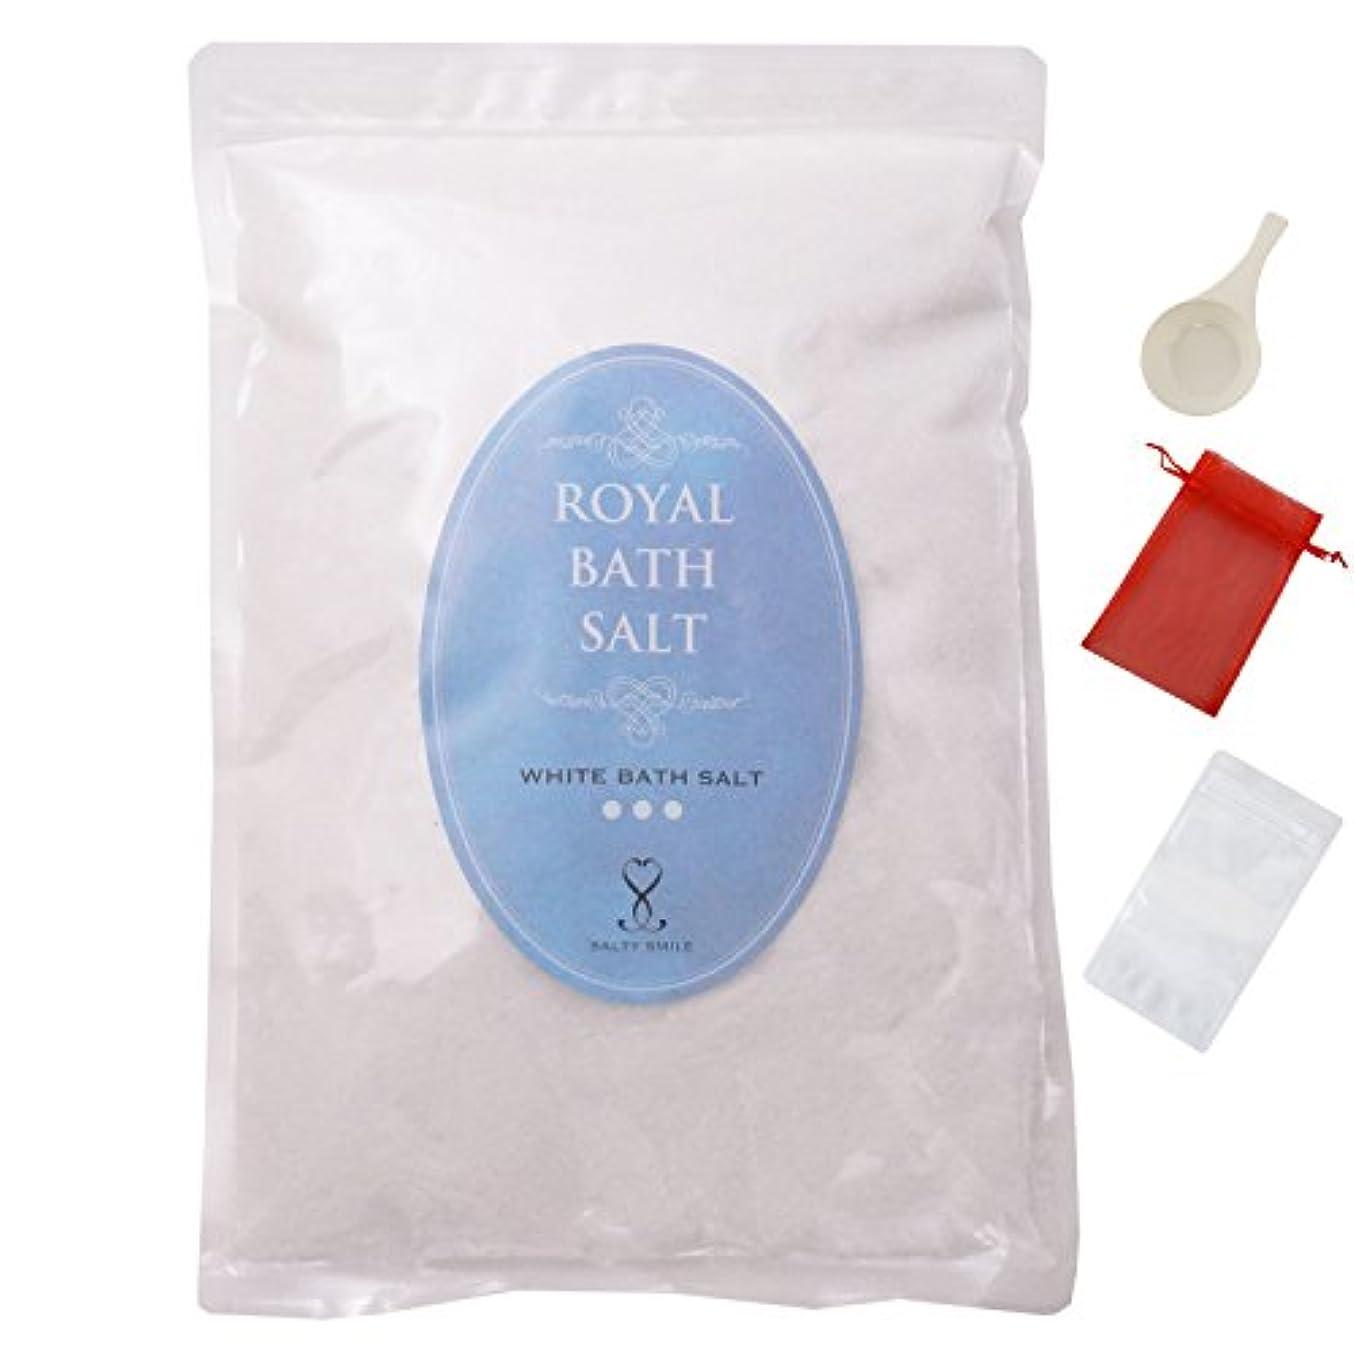 言い訳たくさん重要なロイヤル バスソルト ヒマラヤ岩塩 クリスタル ホワイト パウダー 細粒 ROYAL BATH SALT (1,000g【1㎏】)